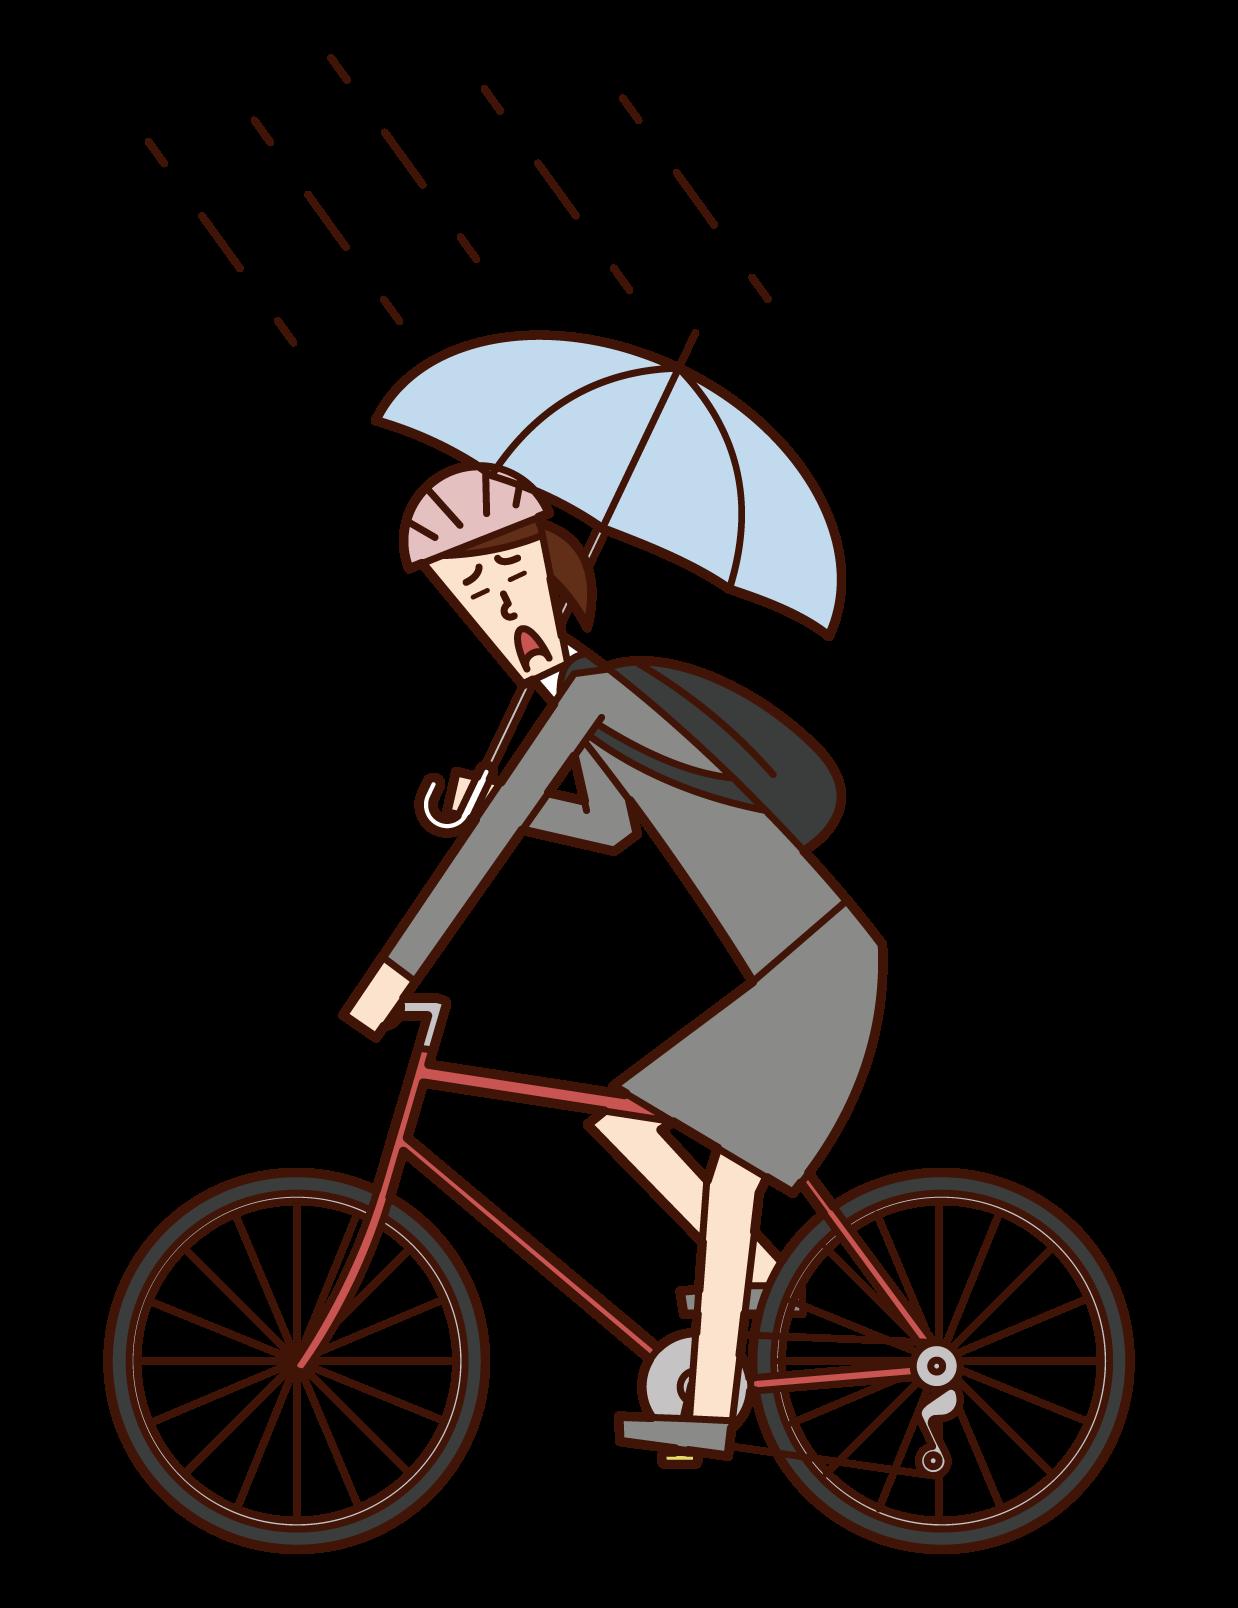 傘をさしながら自転車を運転する人(女性)のイラスト